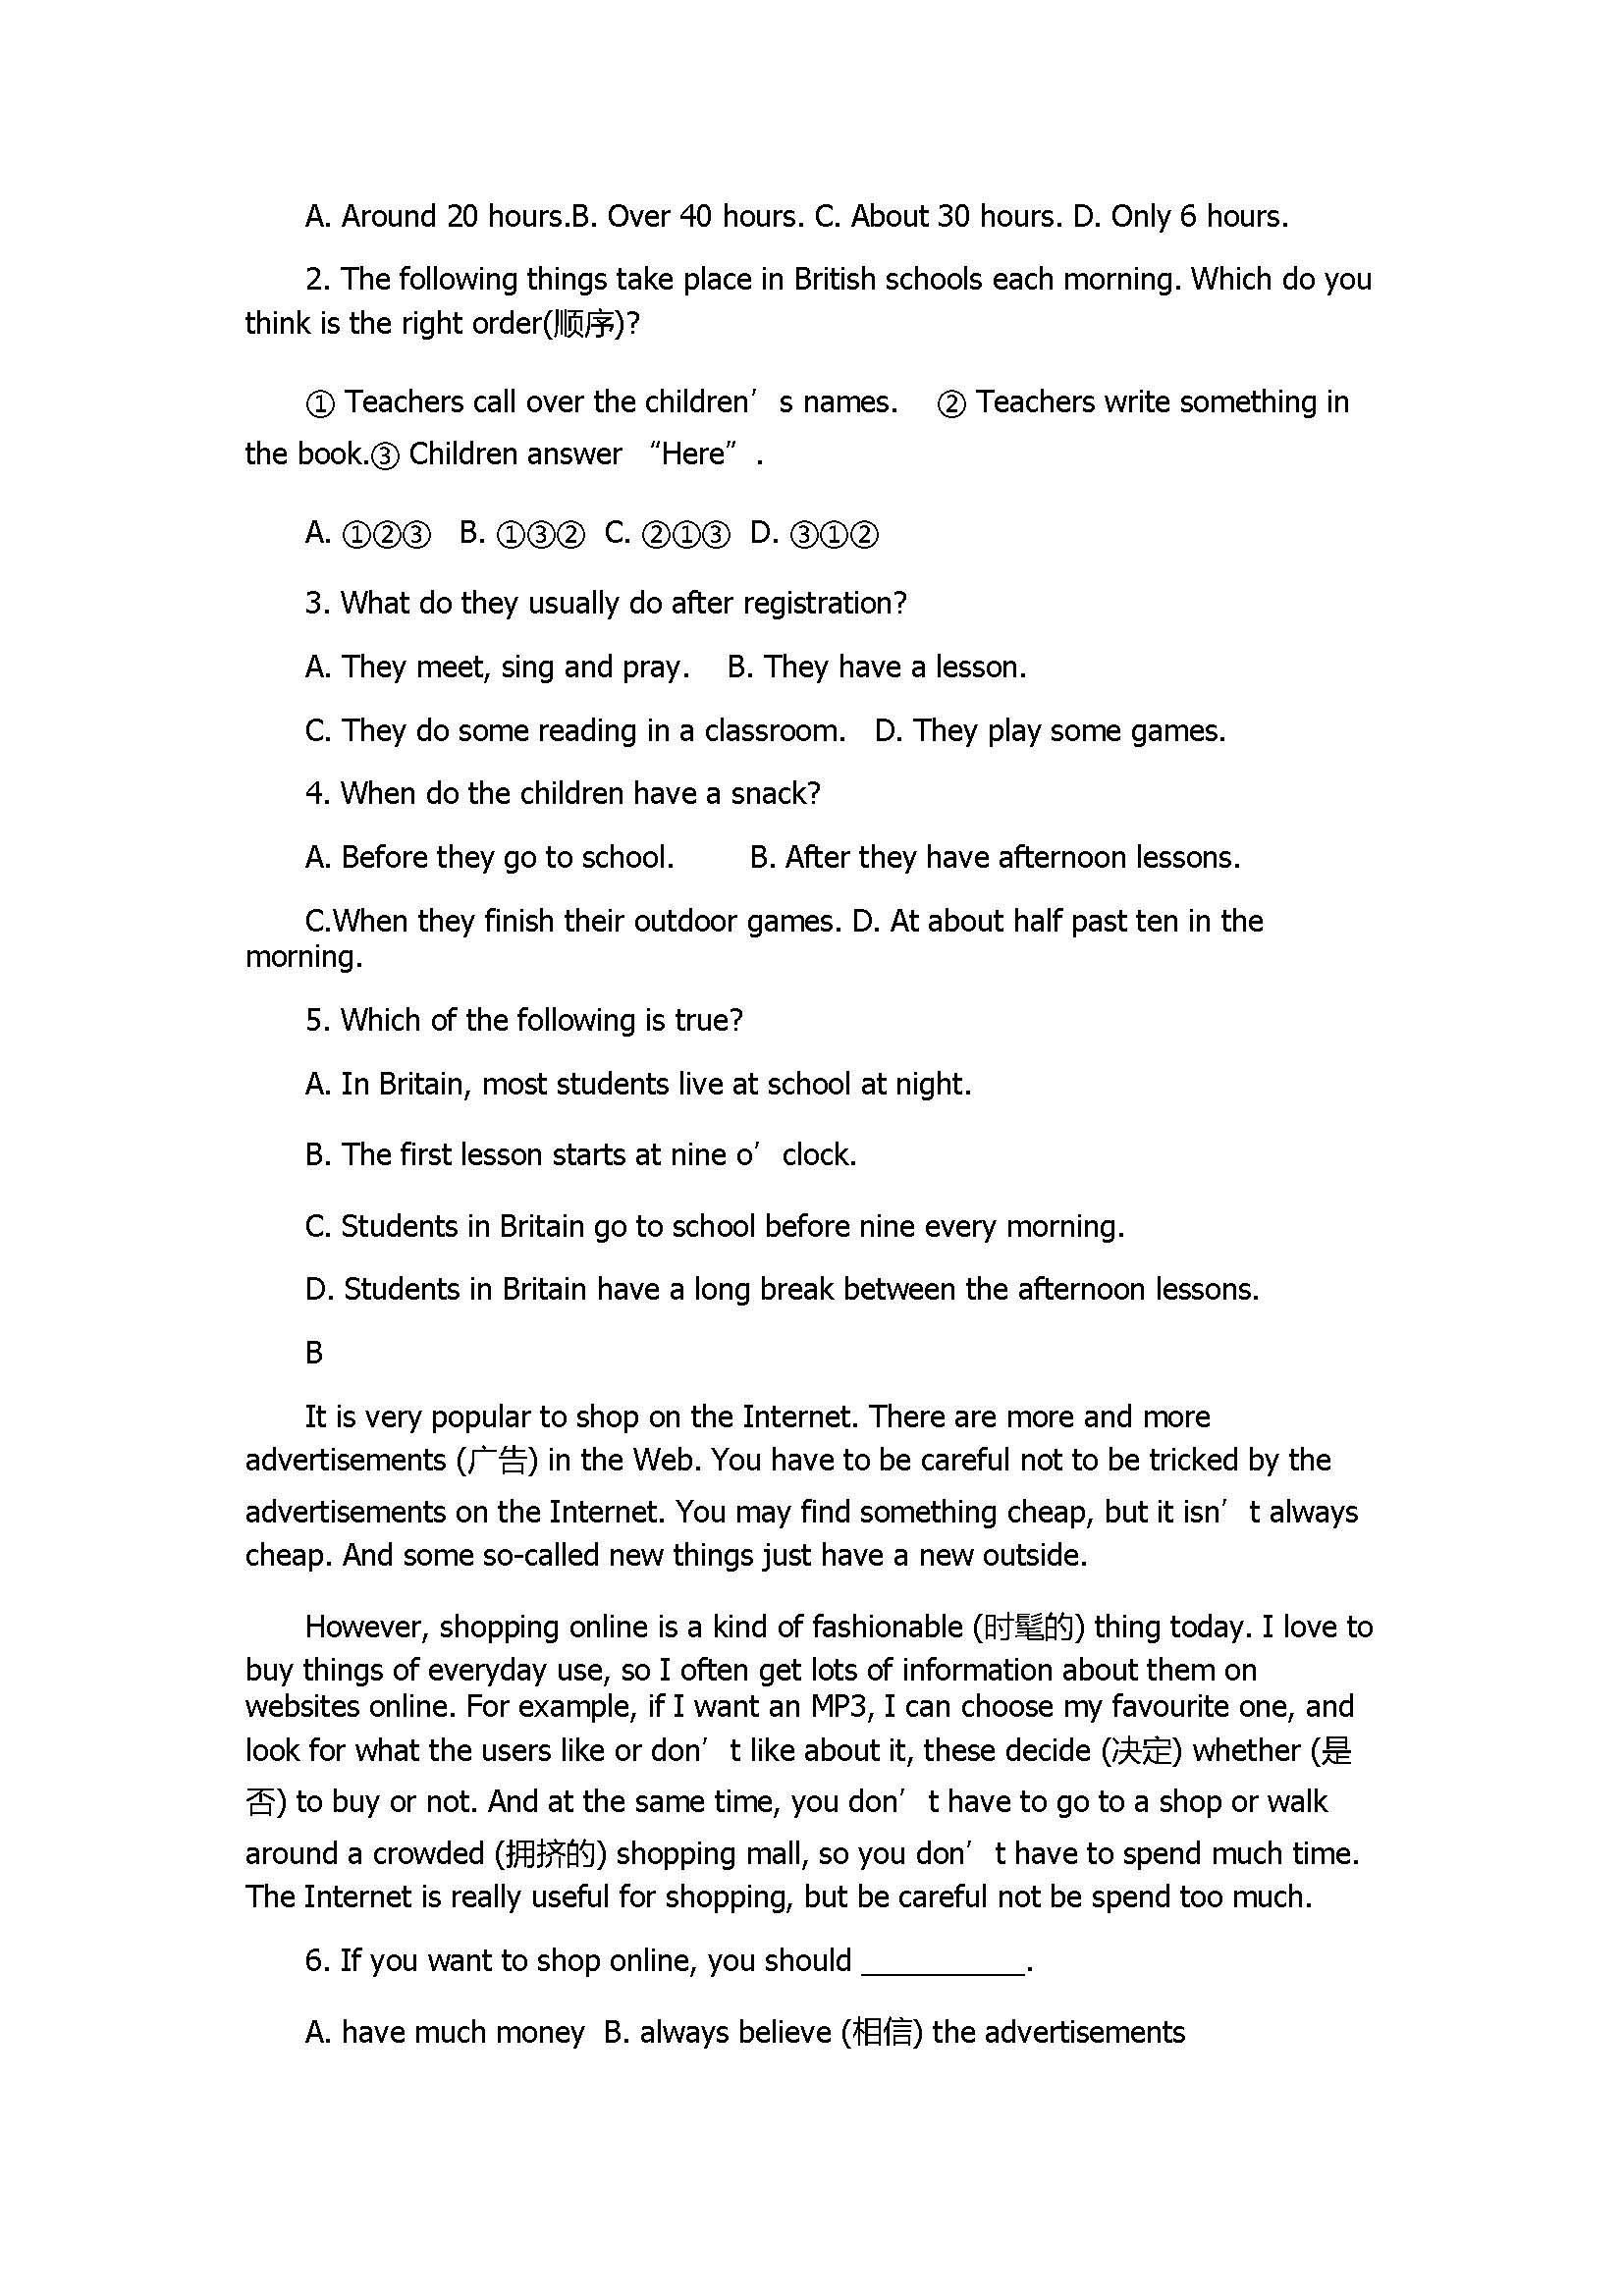 2017七年级上册英语月考试题含答案听力(无锡市太湖中学)